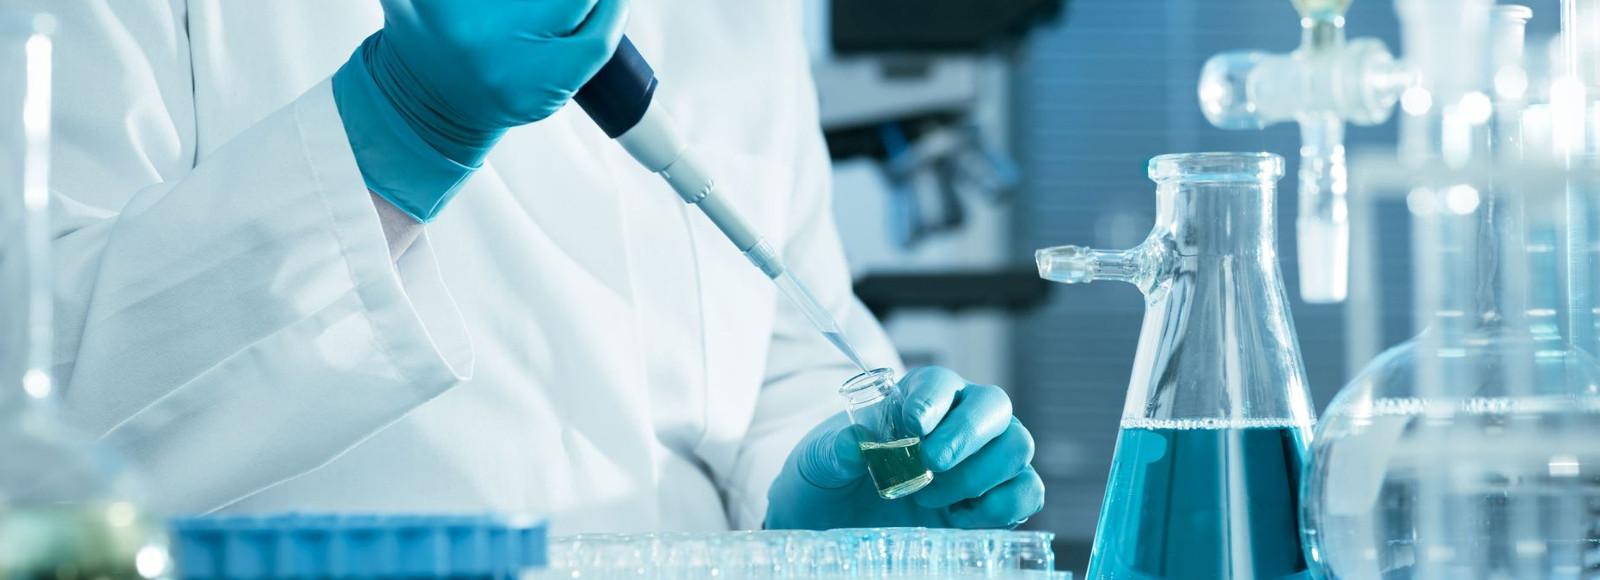 Laboratuvar Çalışanlarının İş Sağlığı ve Güvenliği